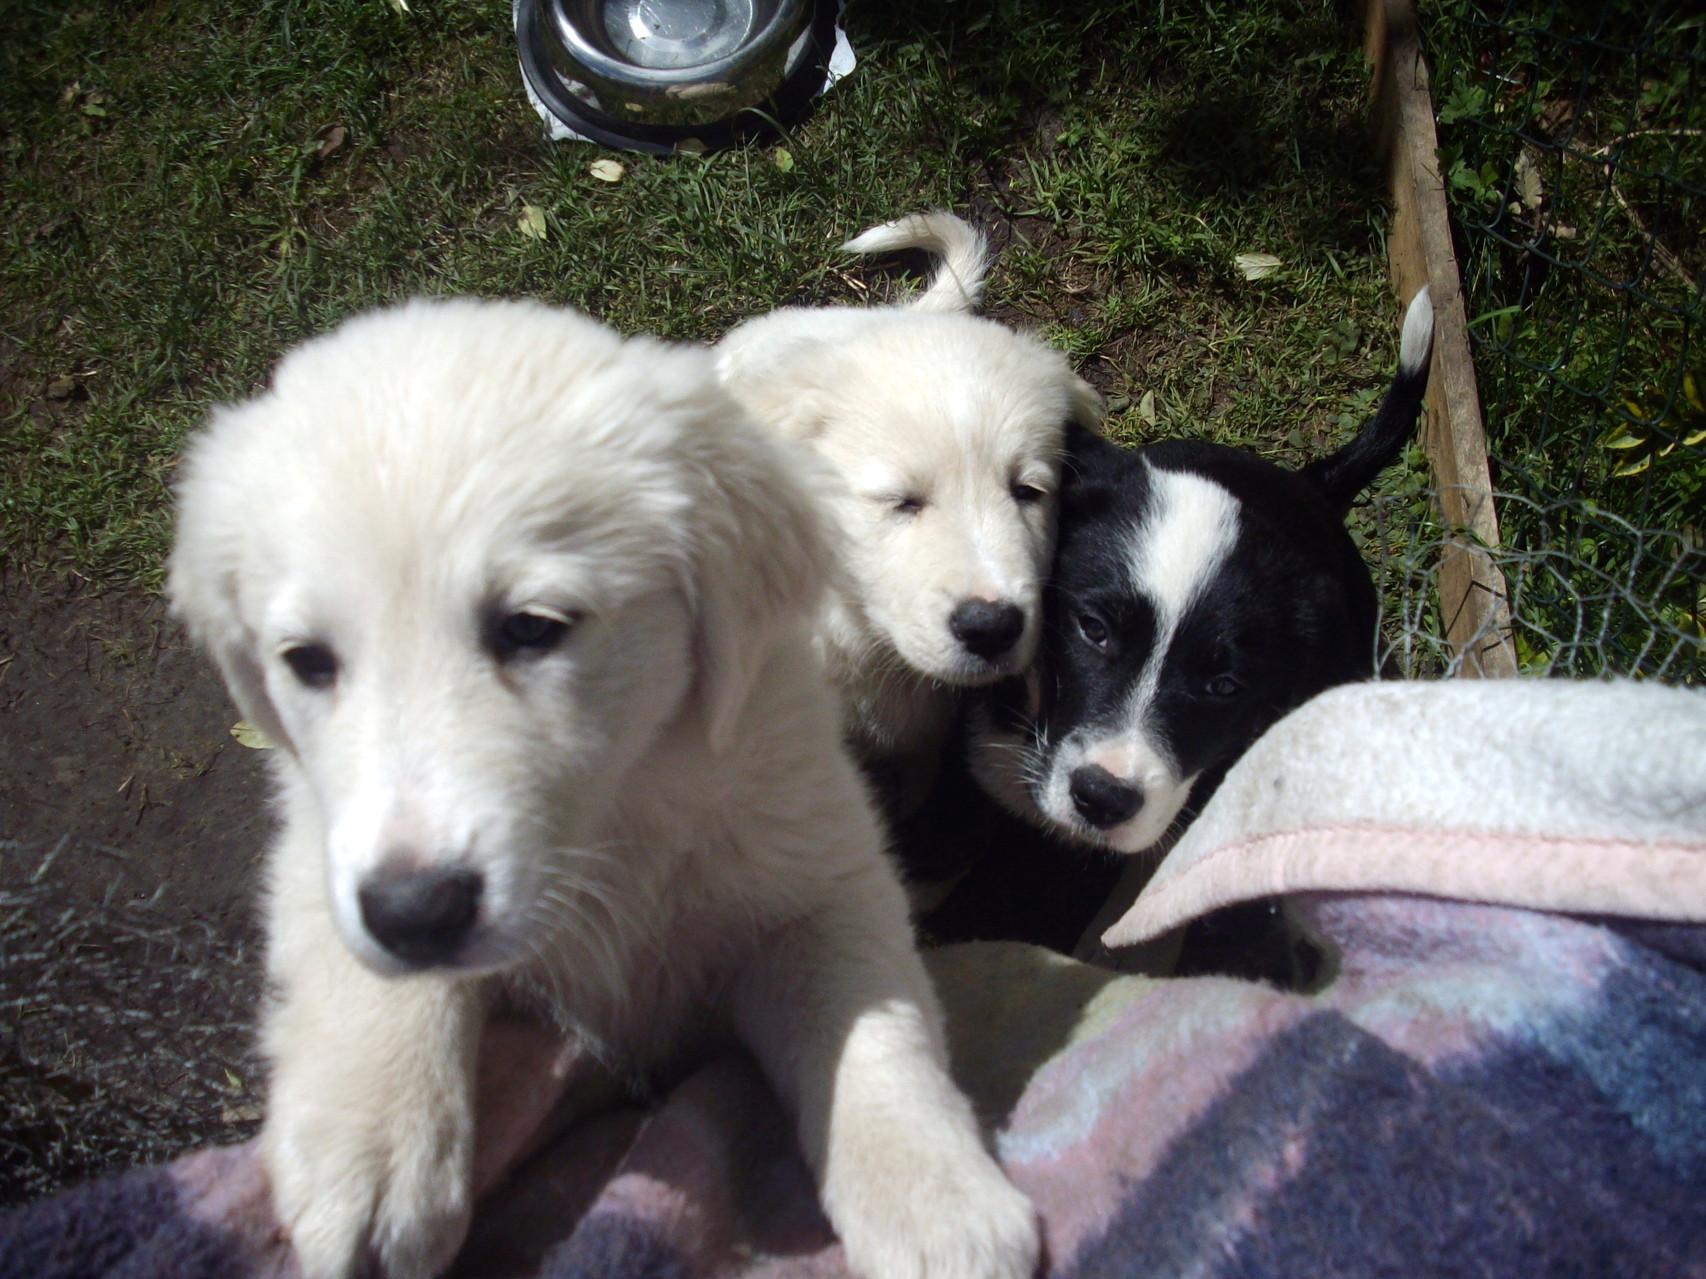 Unsere Hunde Windhunde Von Eichenwind Silken Windsprite Zucht